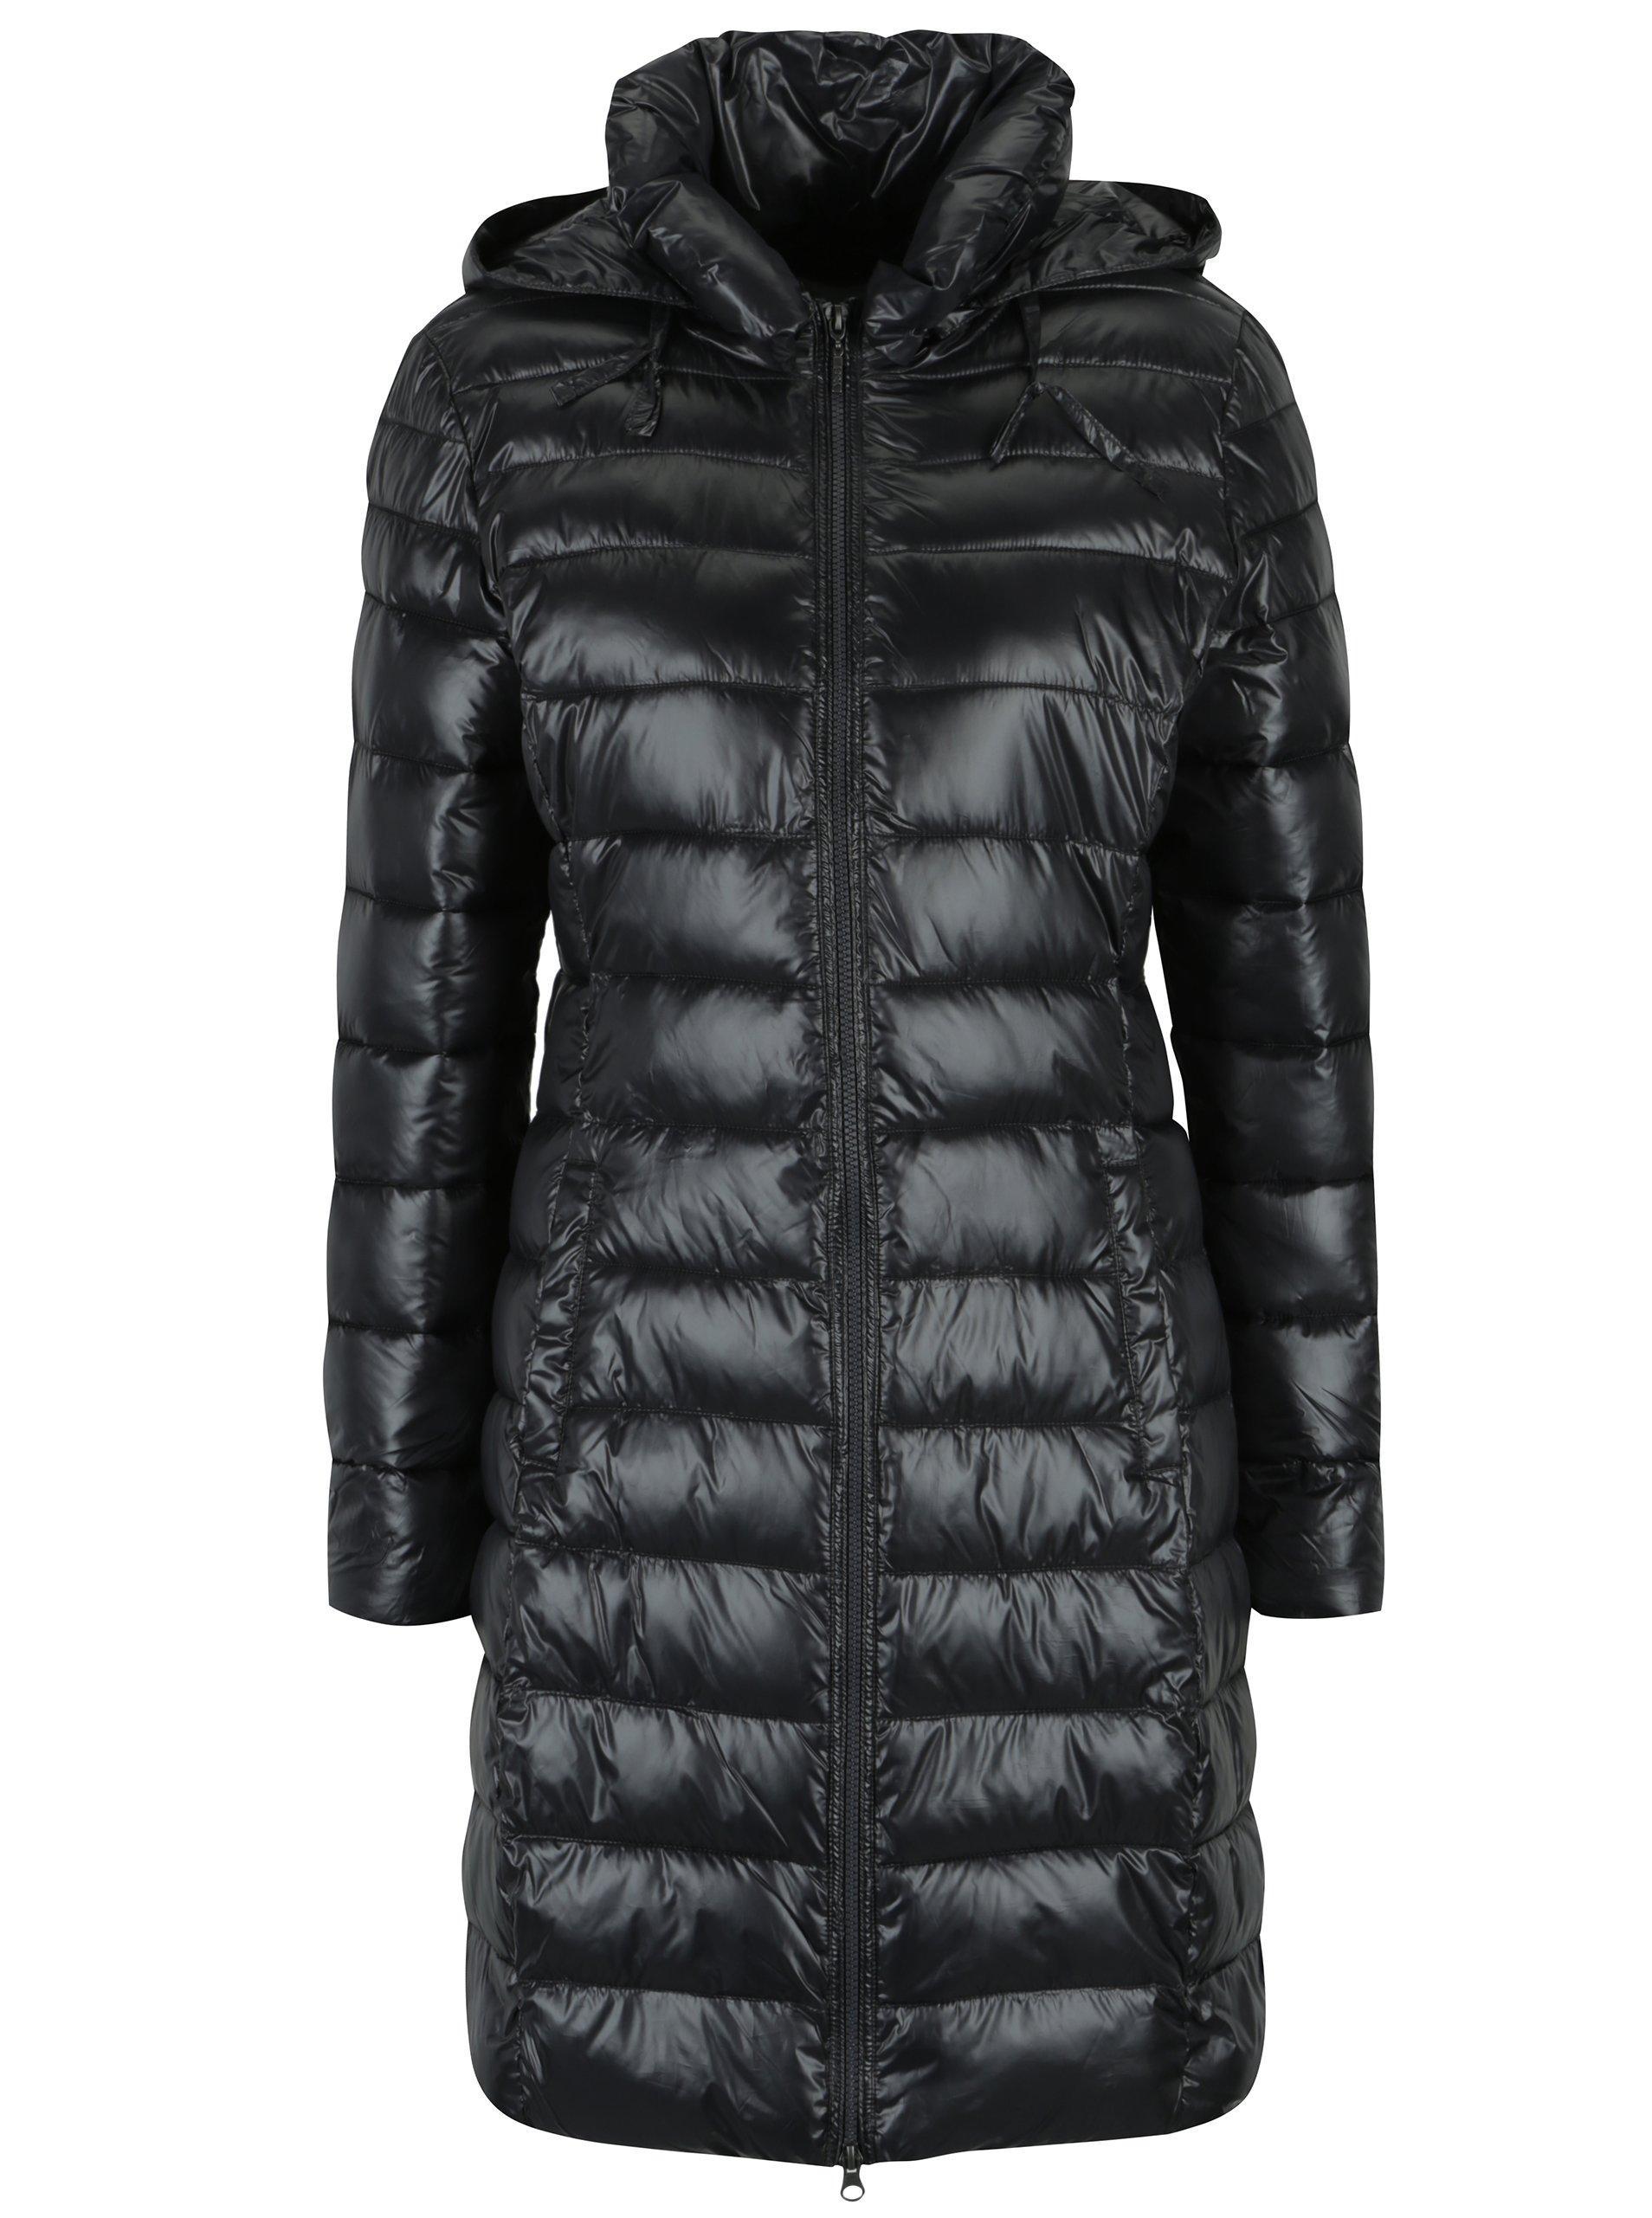 Tmavě šedý prošívaný kabát s kapucí Yest